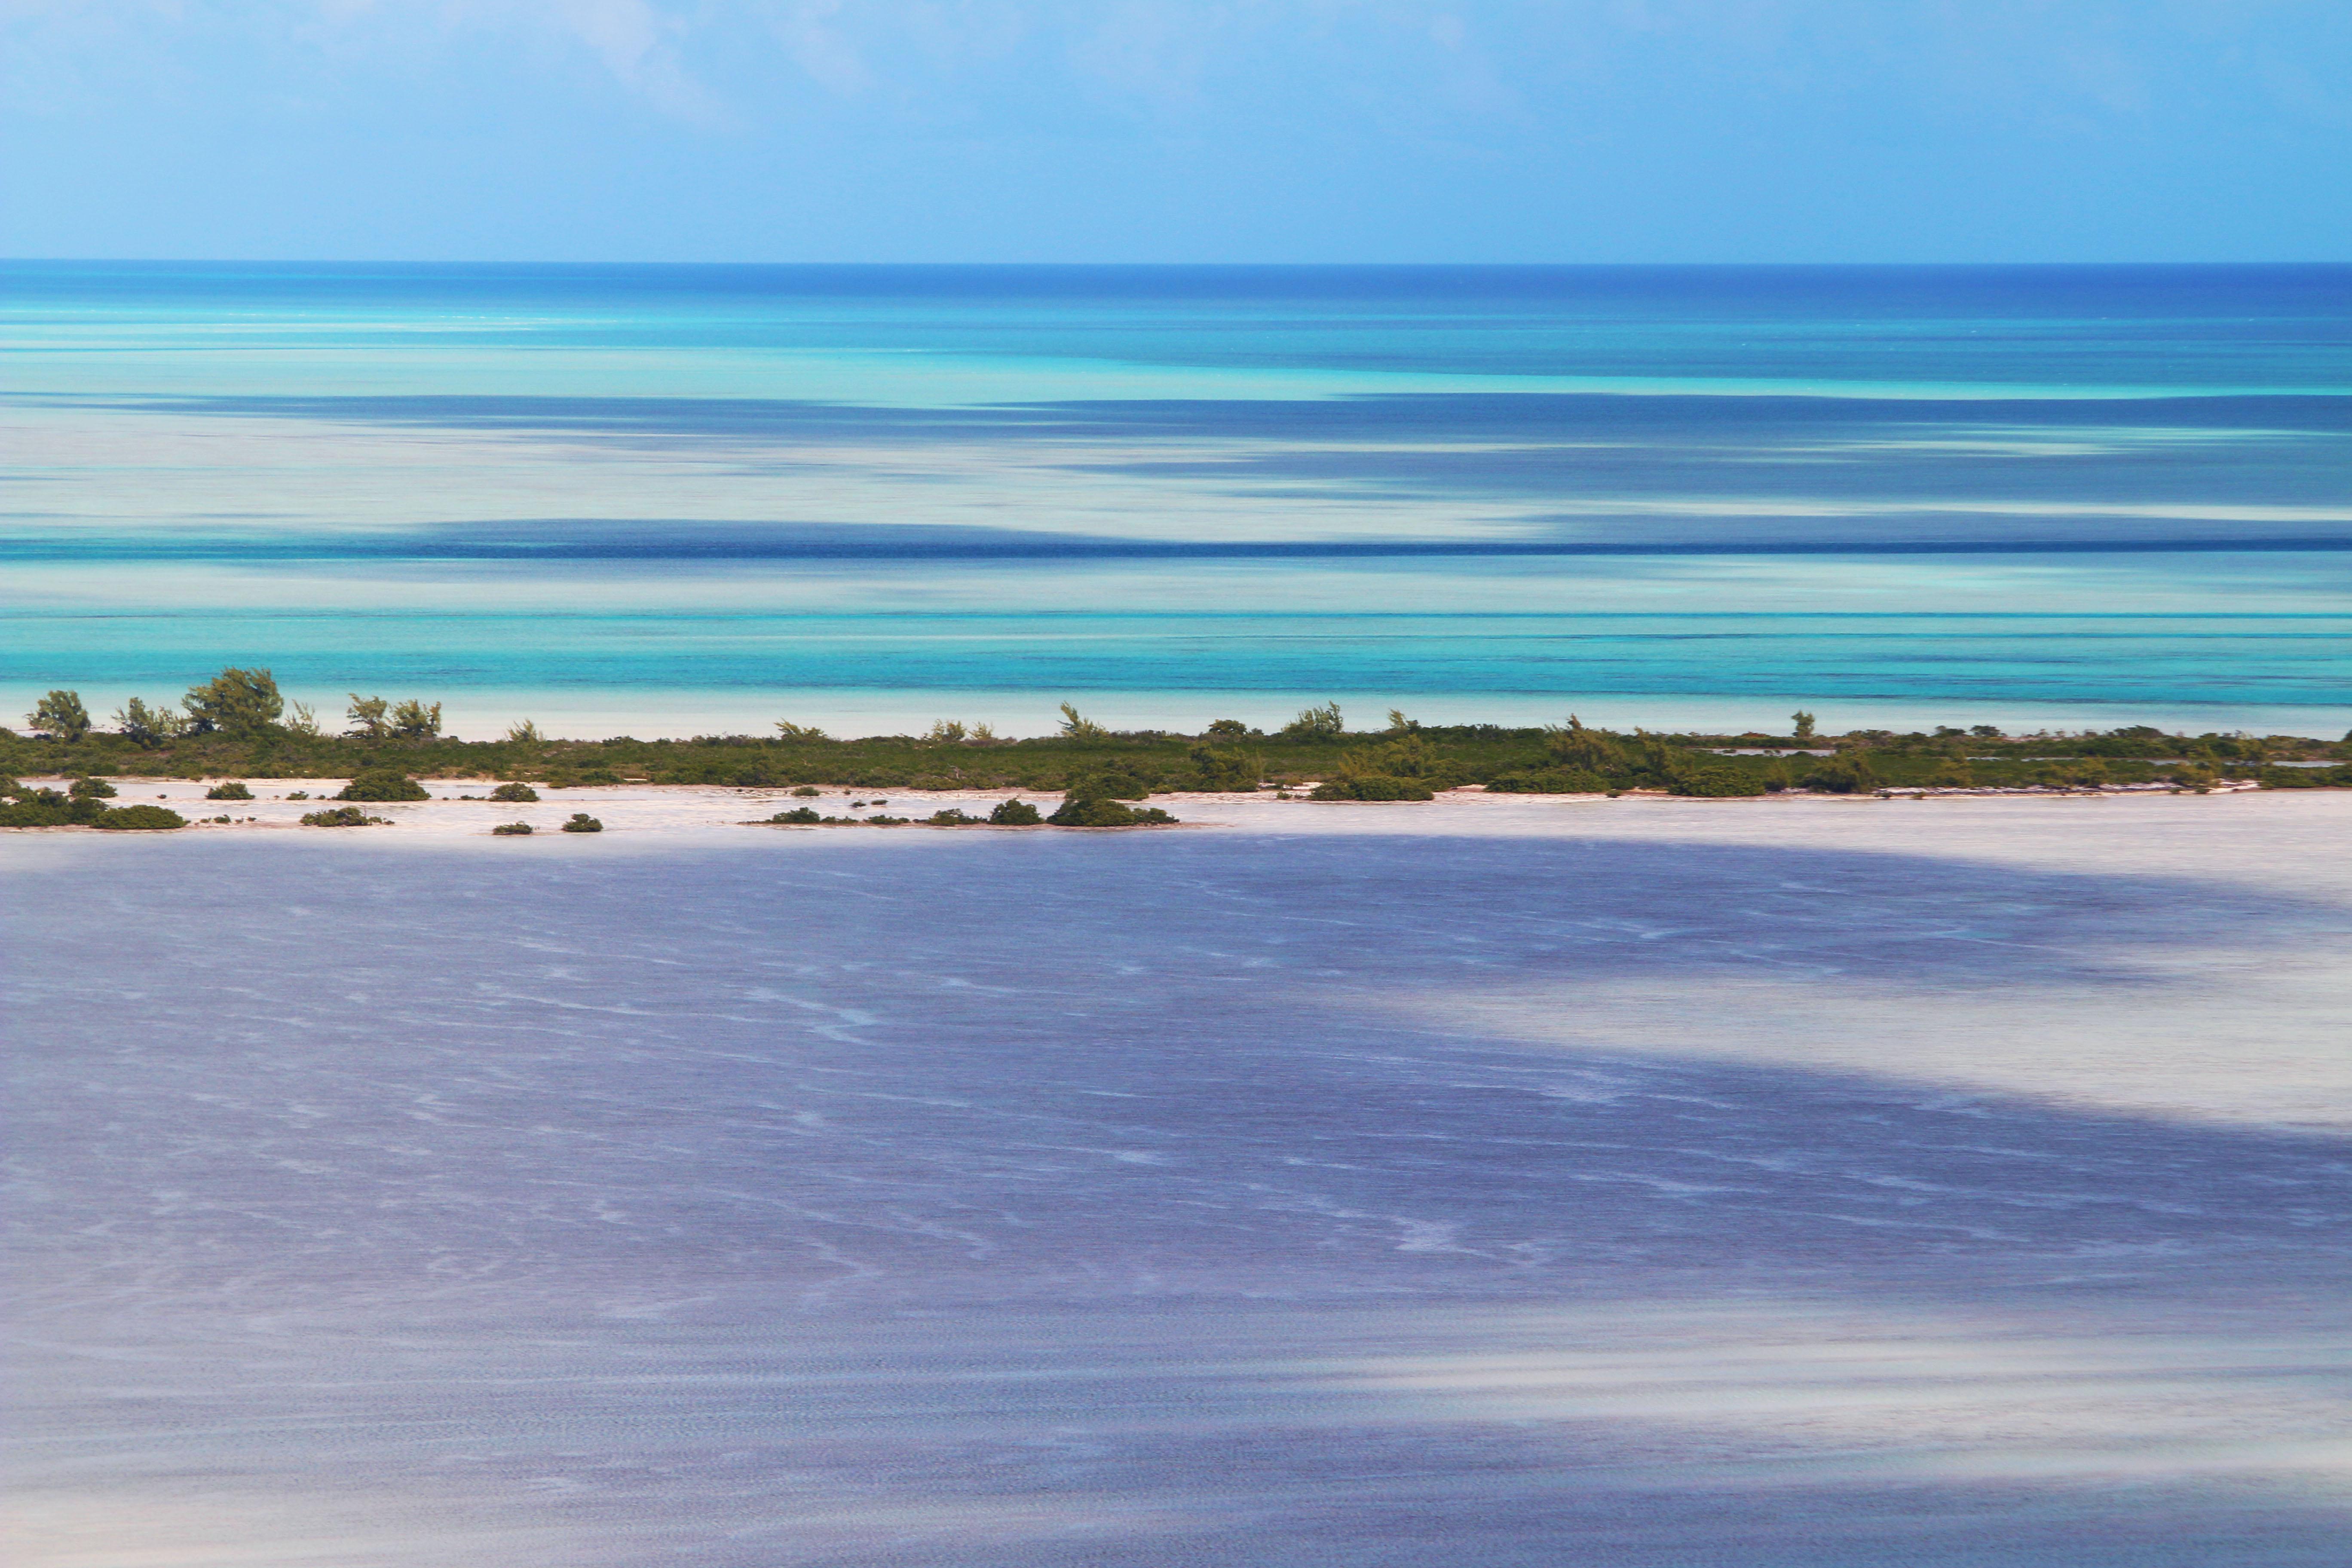 Joulters flats, Bahamas